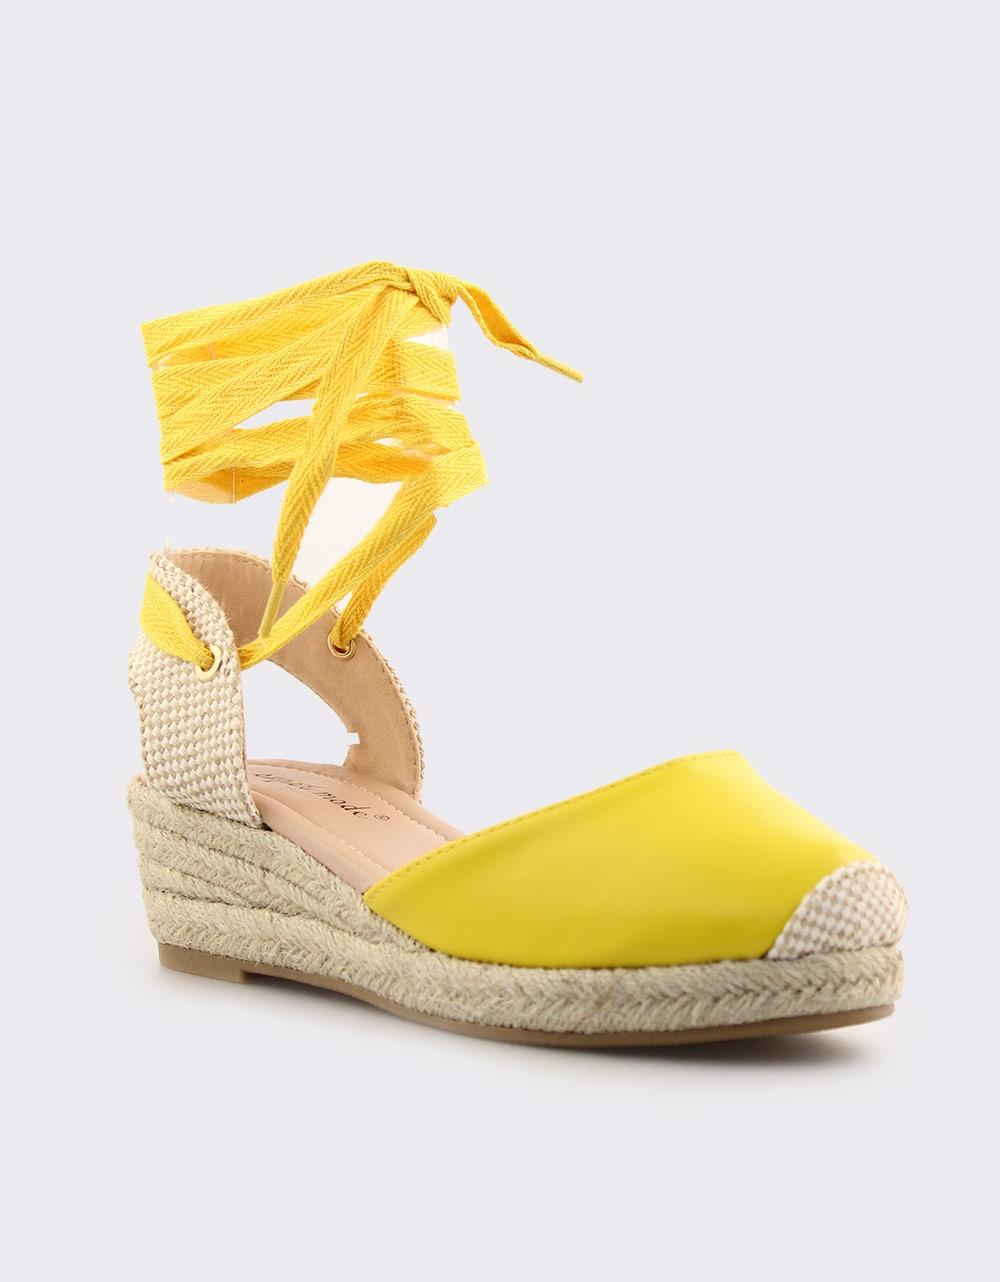 56aded79799 Γυναικείες εσπαντρίγιες σε απλή γραμμή Κίτρινο